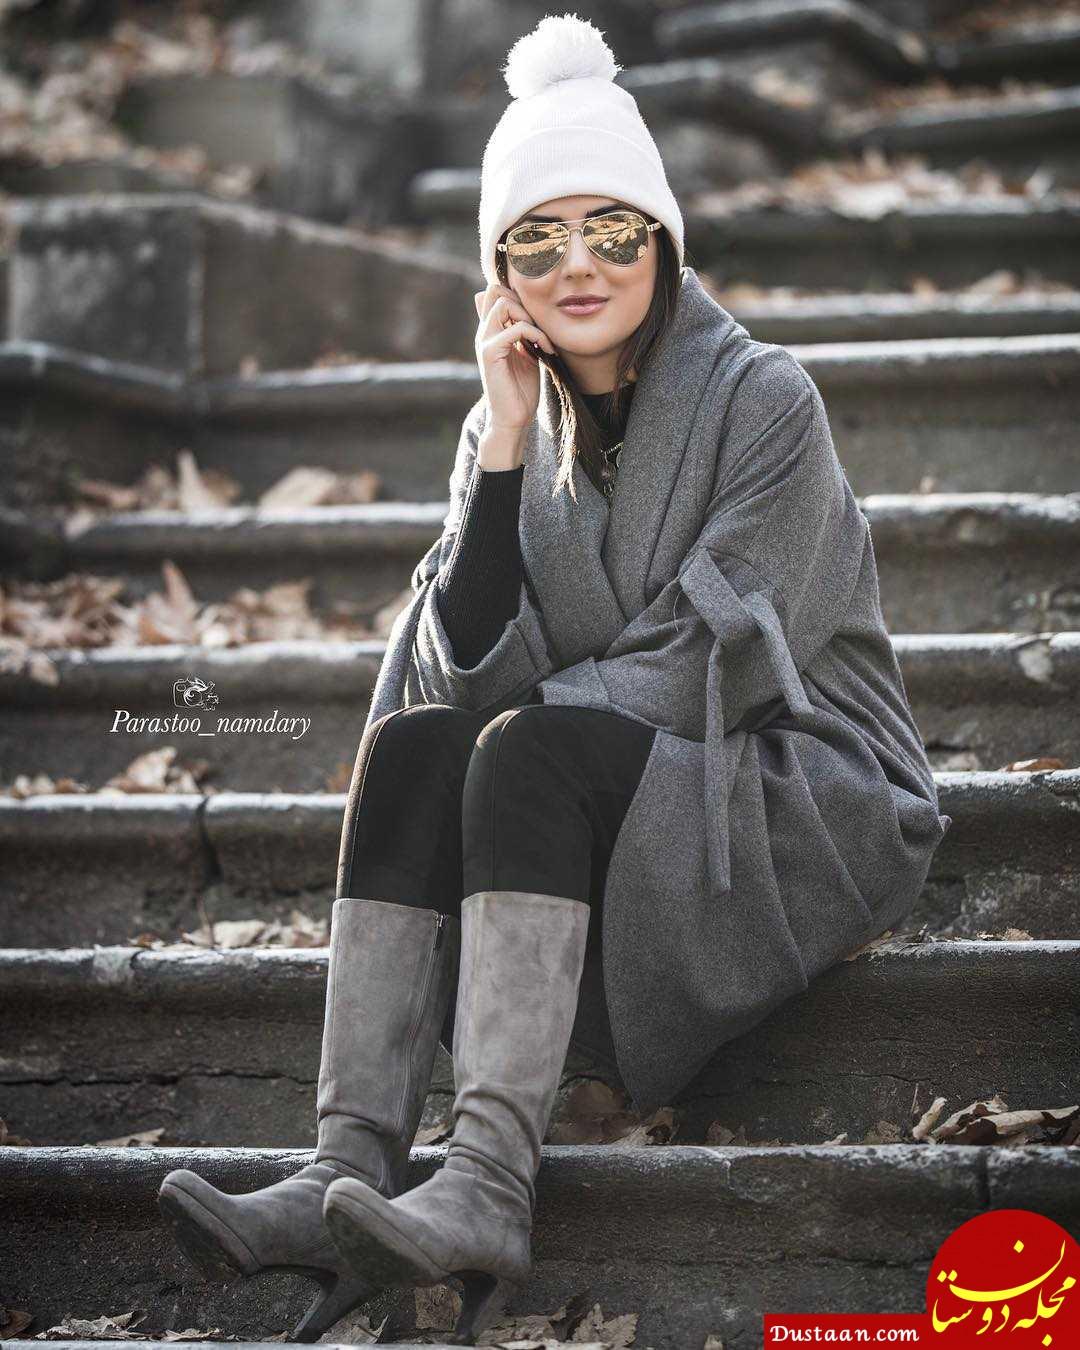 زیباترین و جذابترین خانم بازیگر ایرانی کیست